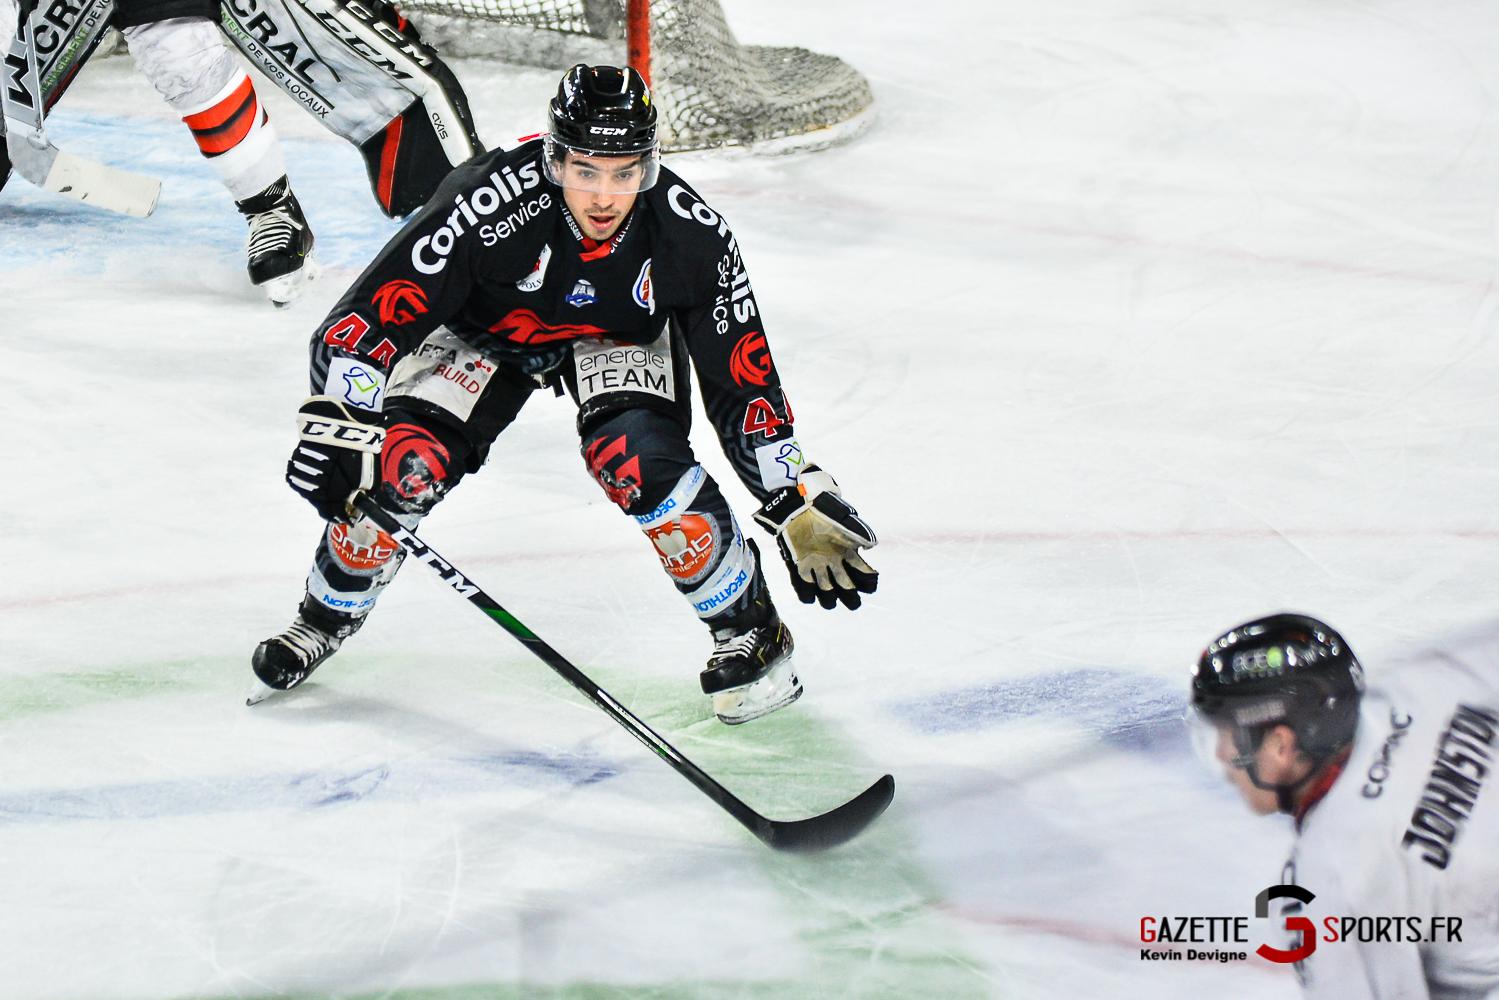 Hockey Sur Glace Amiens Vs Bordeaux J15 Kevin Devigne Gazettesports 70